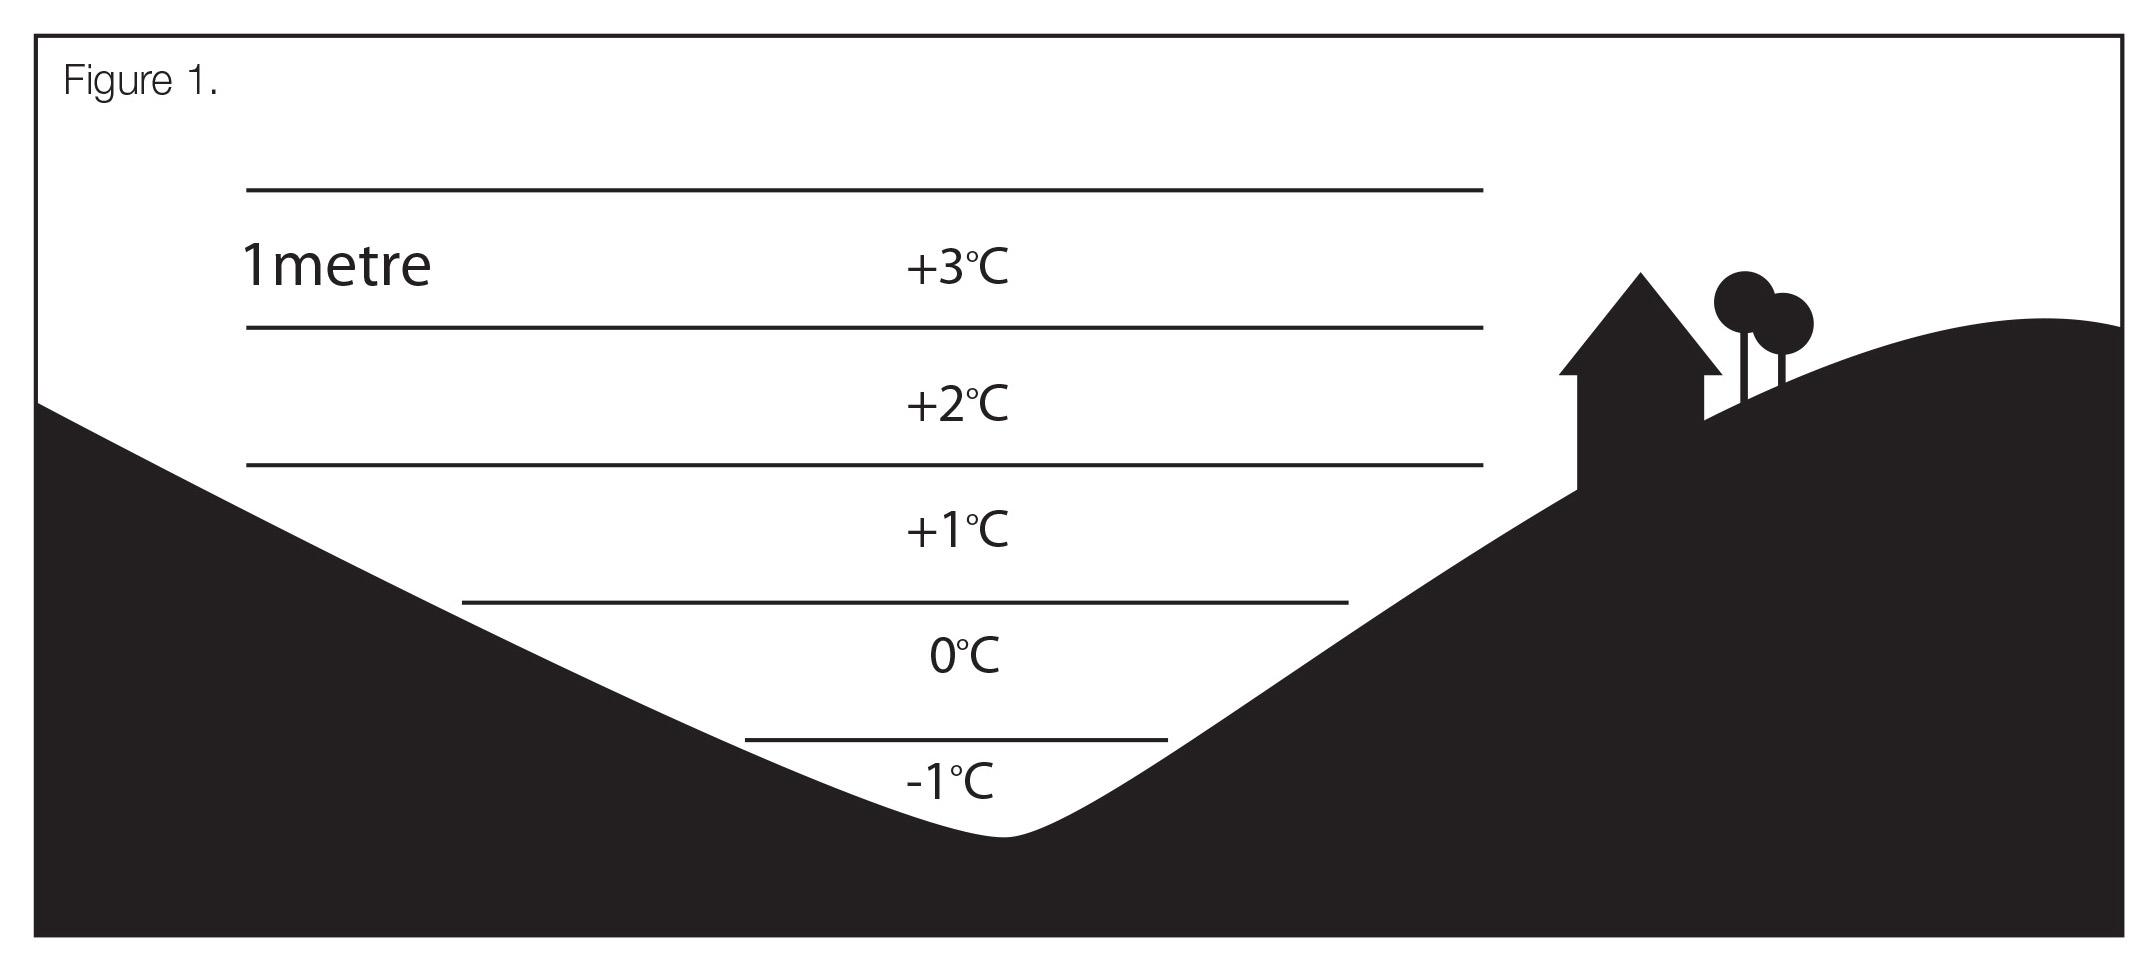 frost figure 1